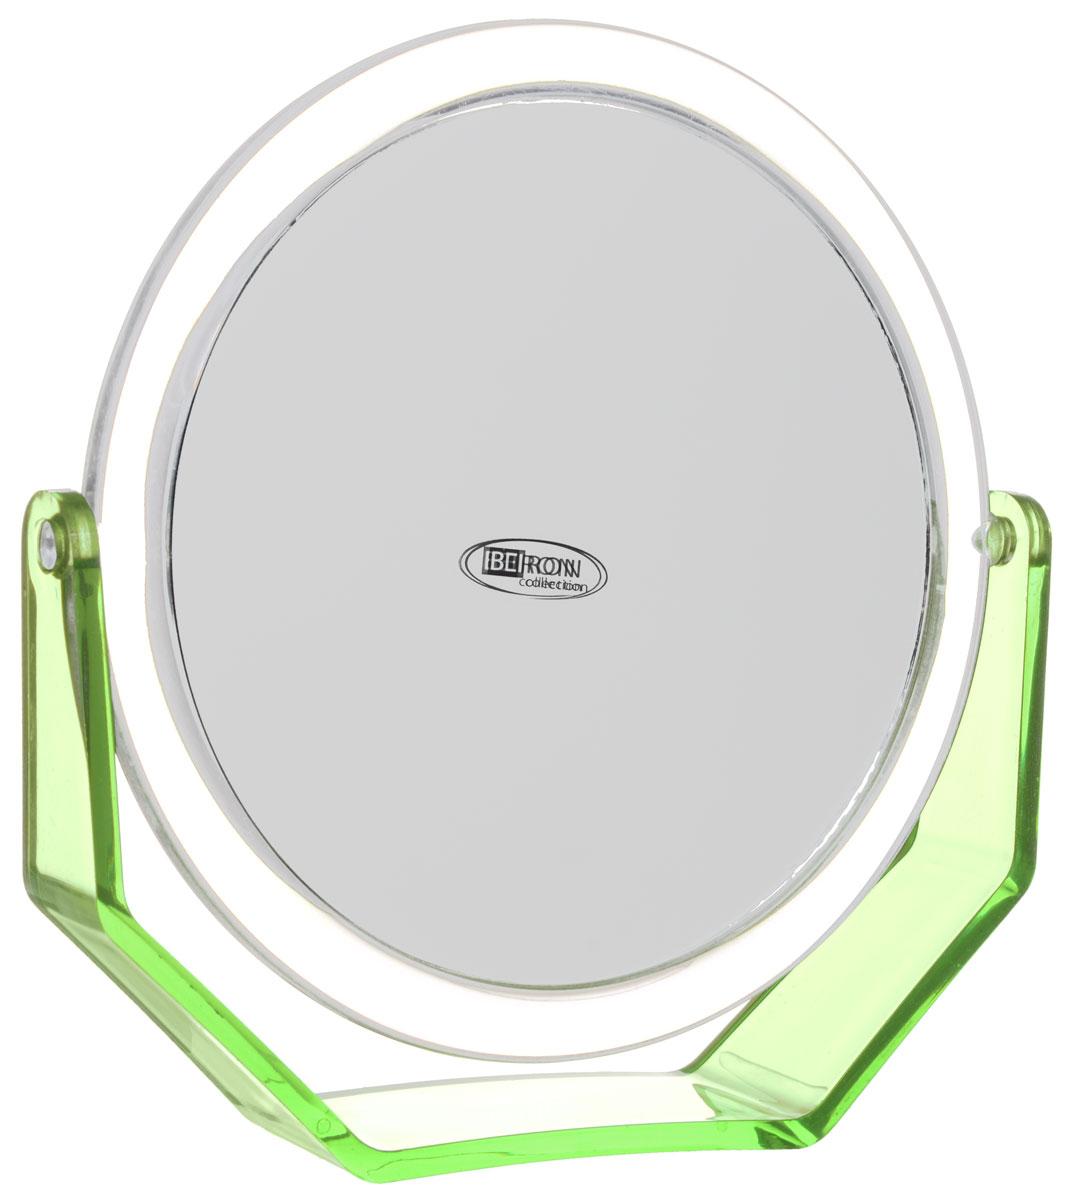 Beiron Зеркало косметическое, настольное, двустороннее, цвет: салатовый. 530-1129